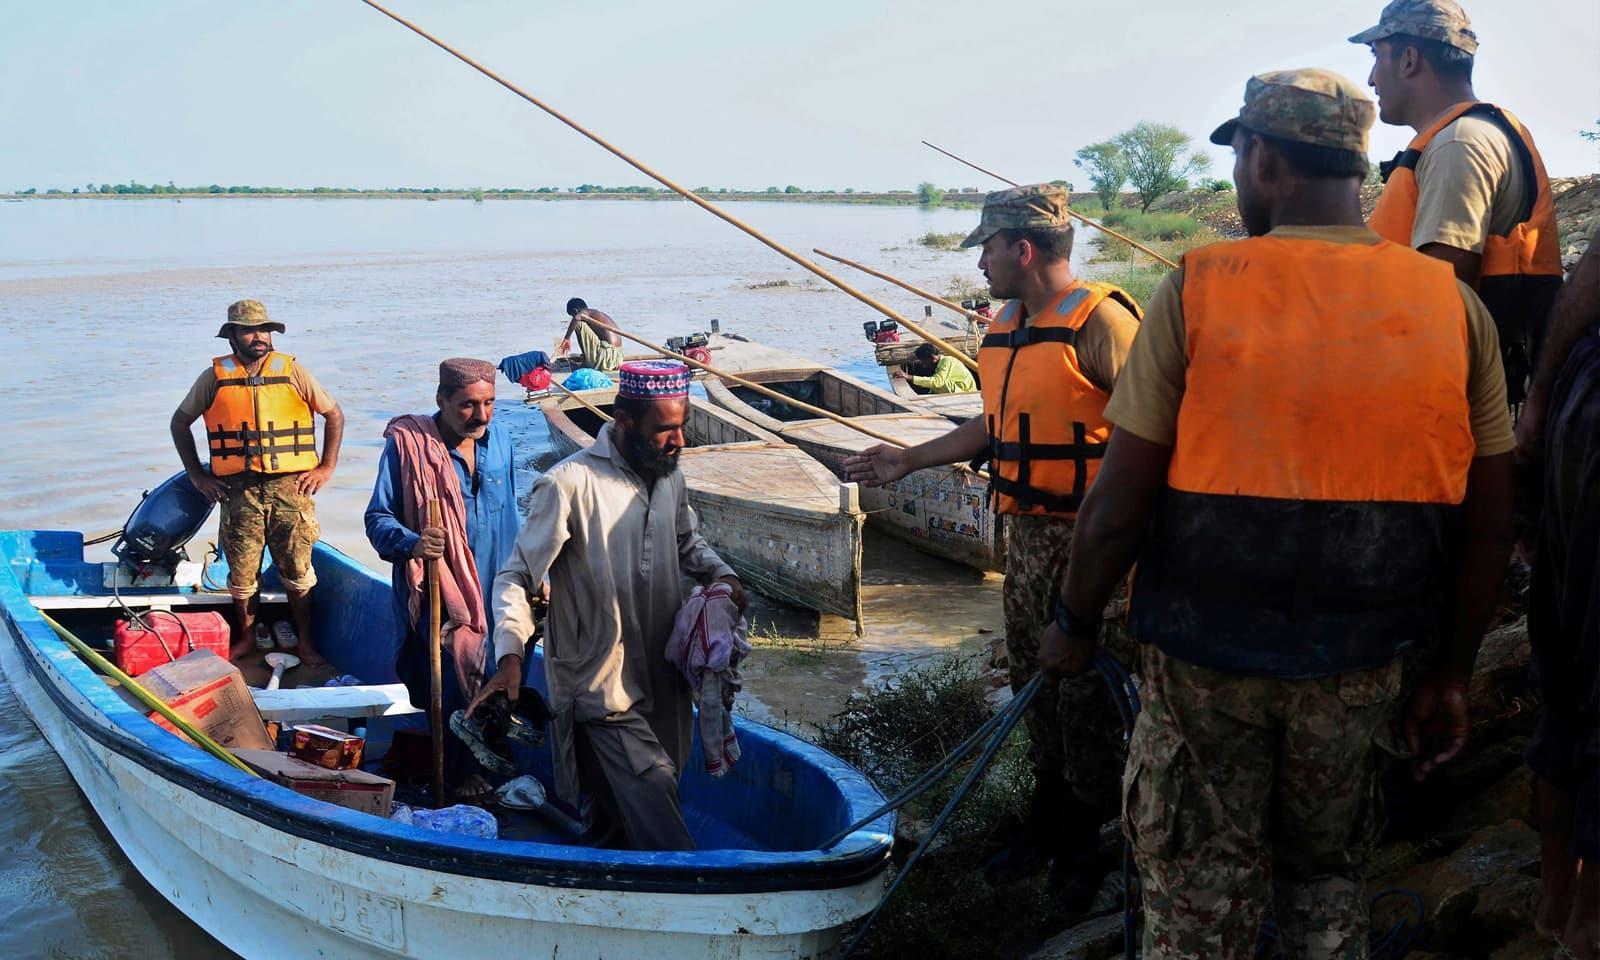 پاک فوج کے جوان سیلاب سے متاثر علاقوں کے رہائشیوں کومحفوظ مقامات پر پہنچانے میں مصروف ہیں—فوٹو: اے پی